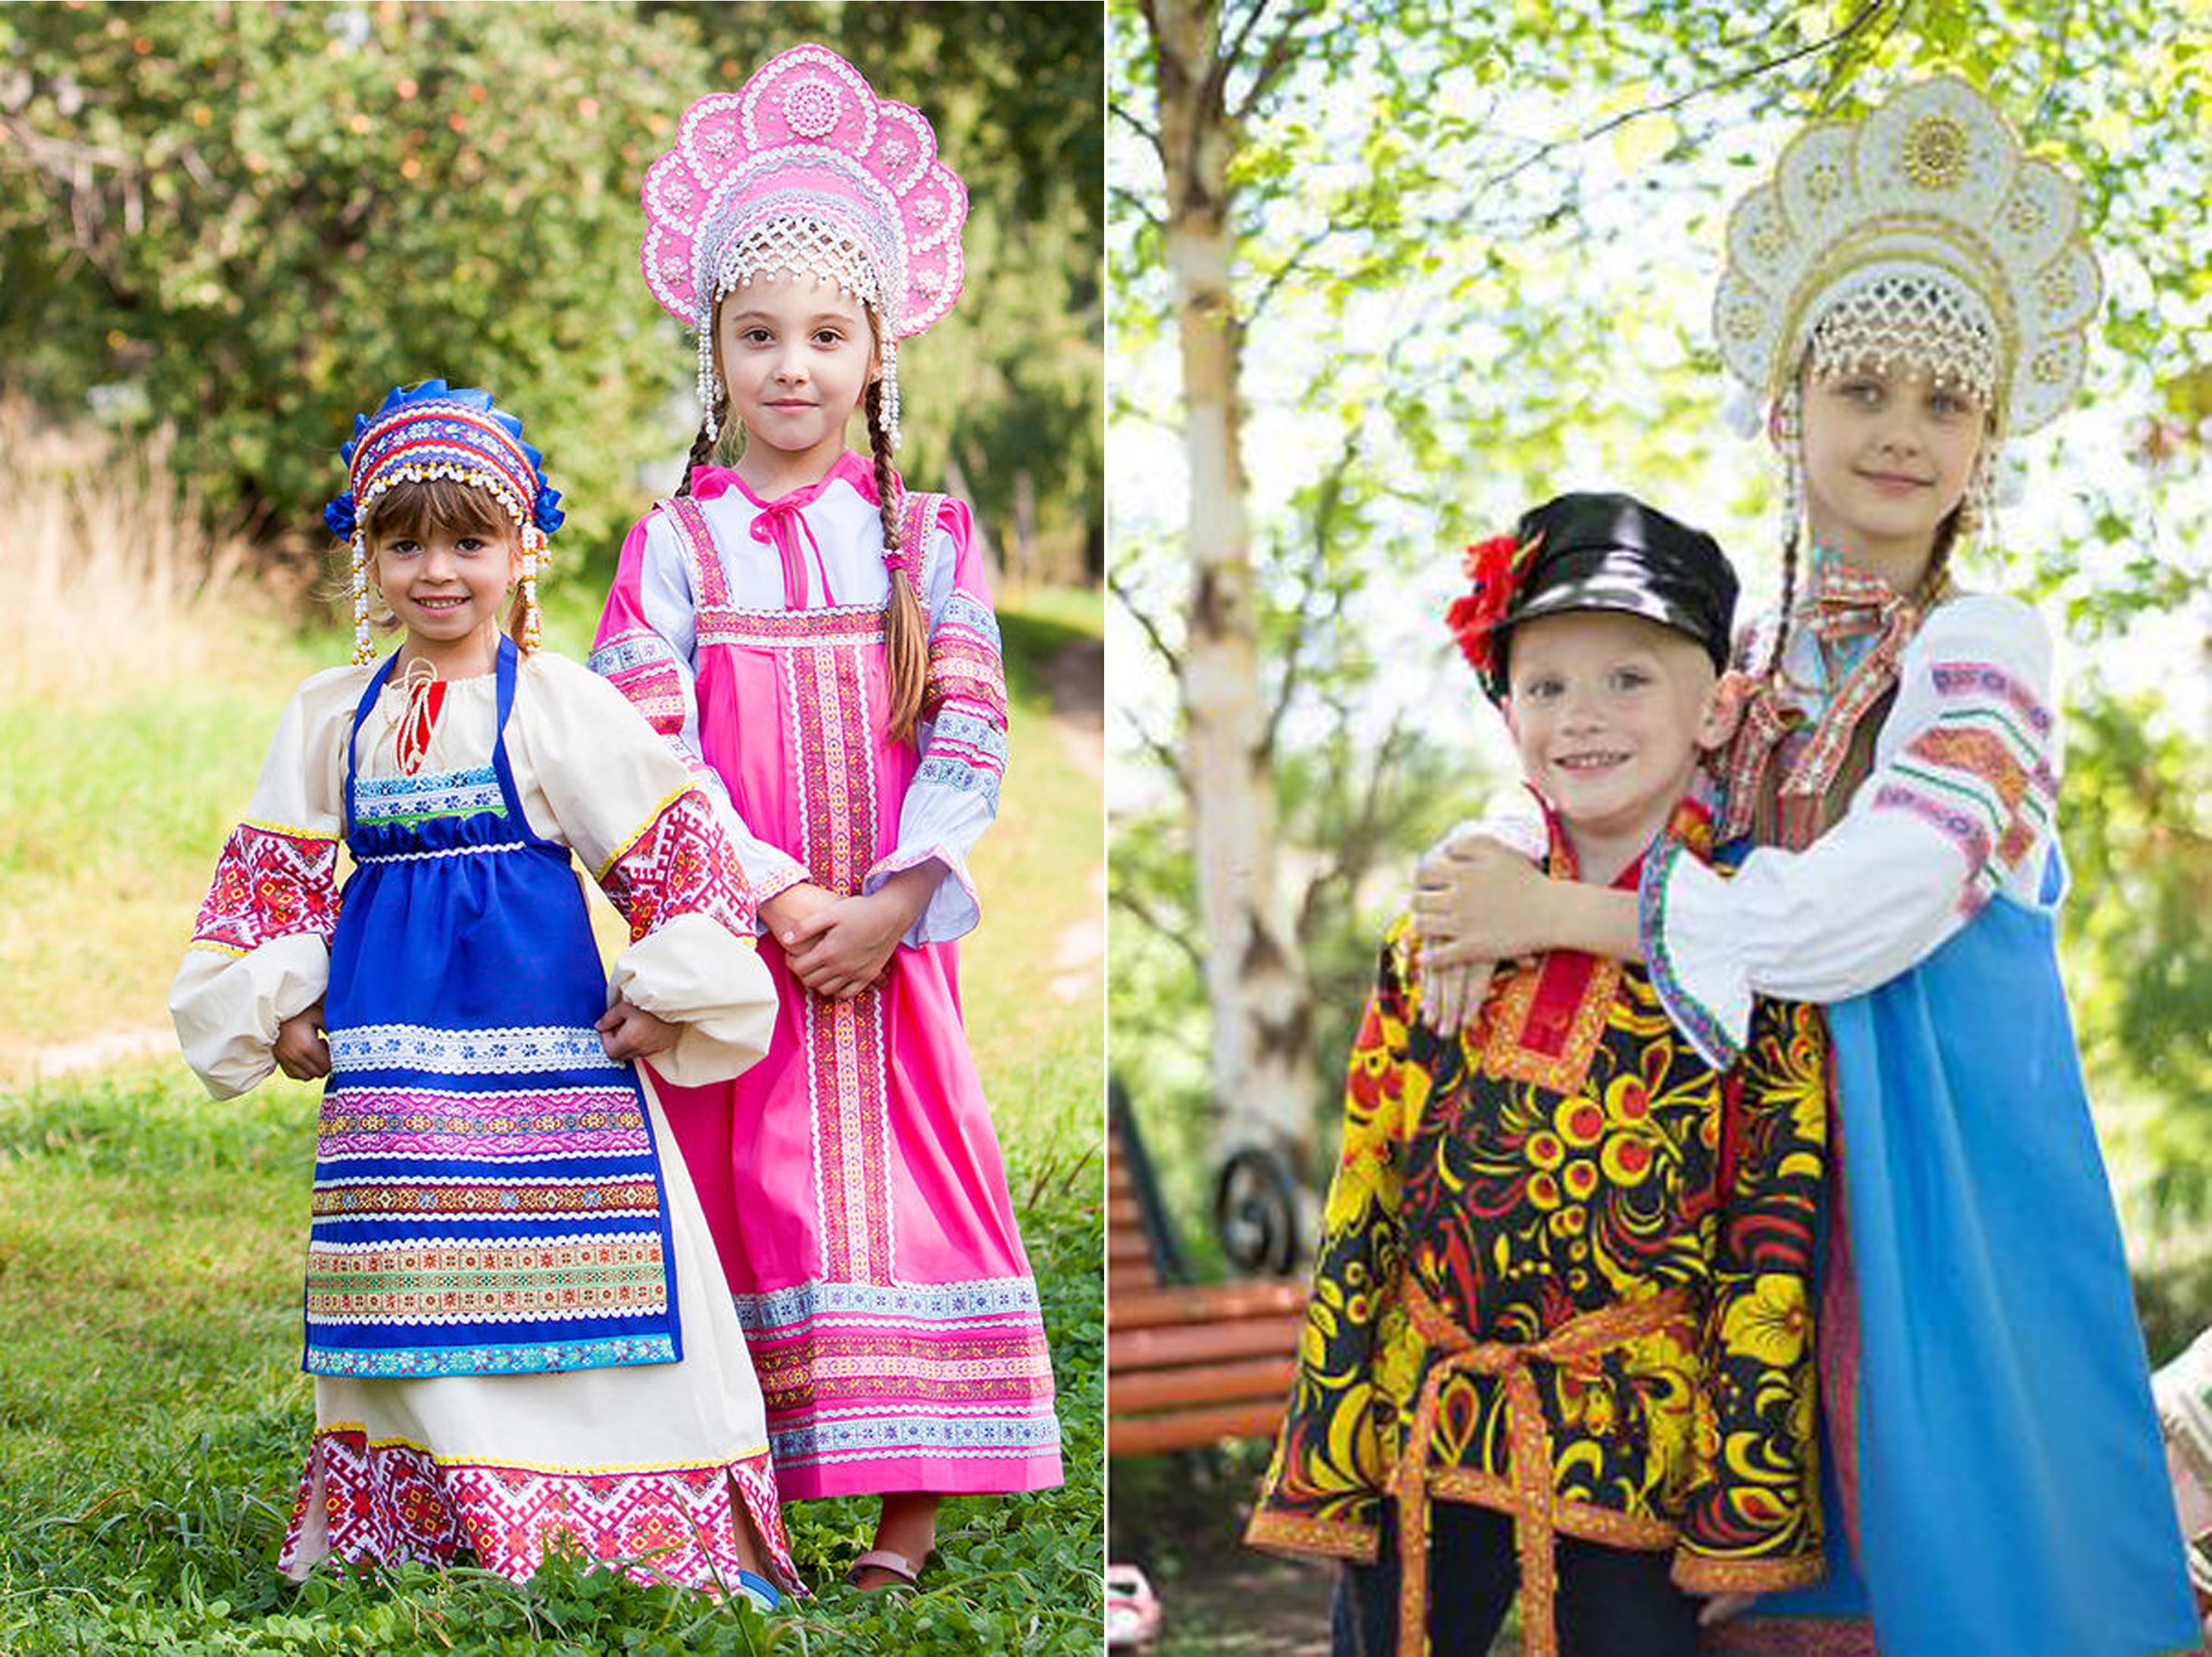 Сбор заказов. Русские народные костюмы. Готовимся к летним фотосессиям! Много хороших отзывов! Цены от 100 рублей !Выкуп-6